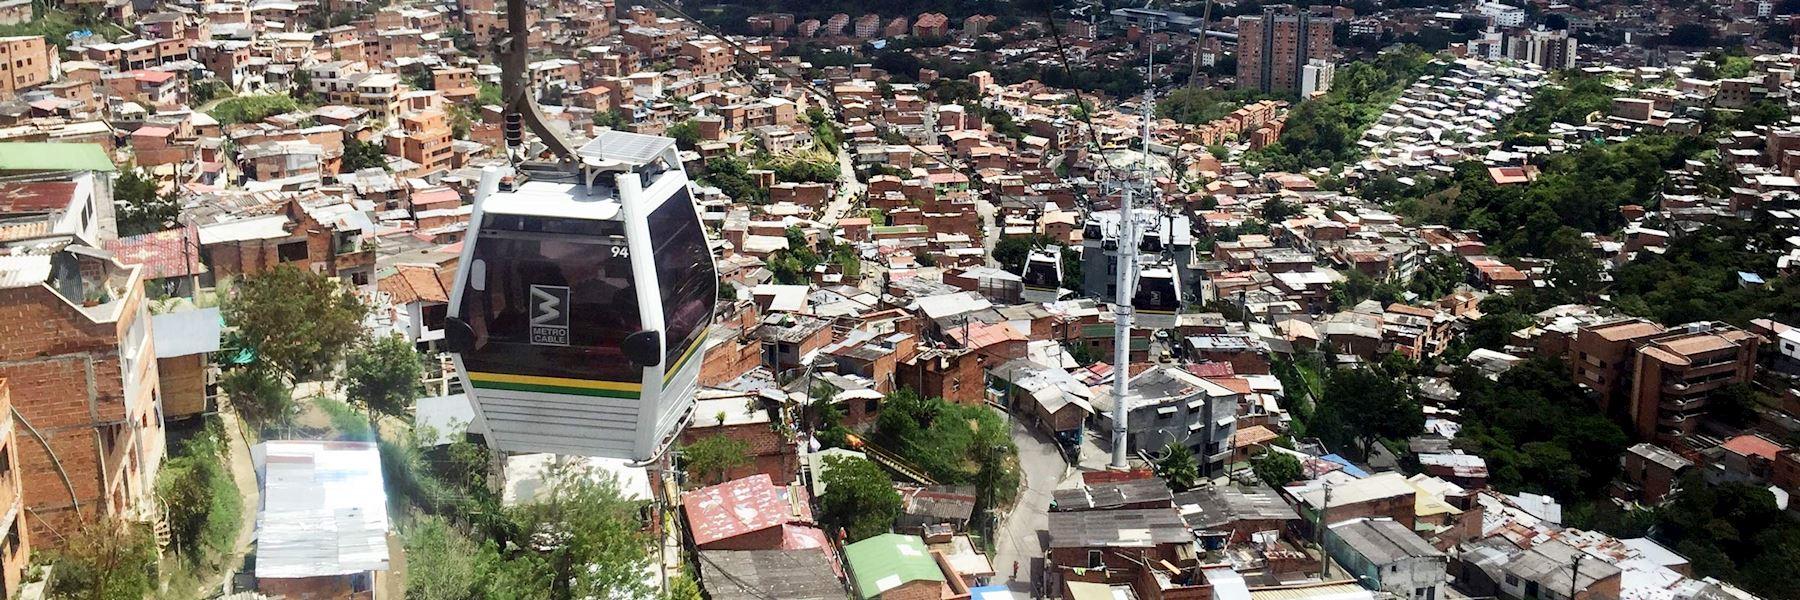 Visit Medellín, Colombia